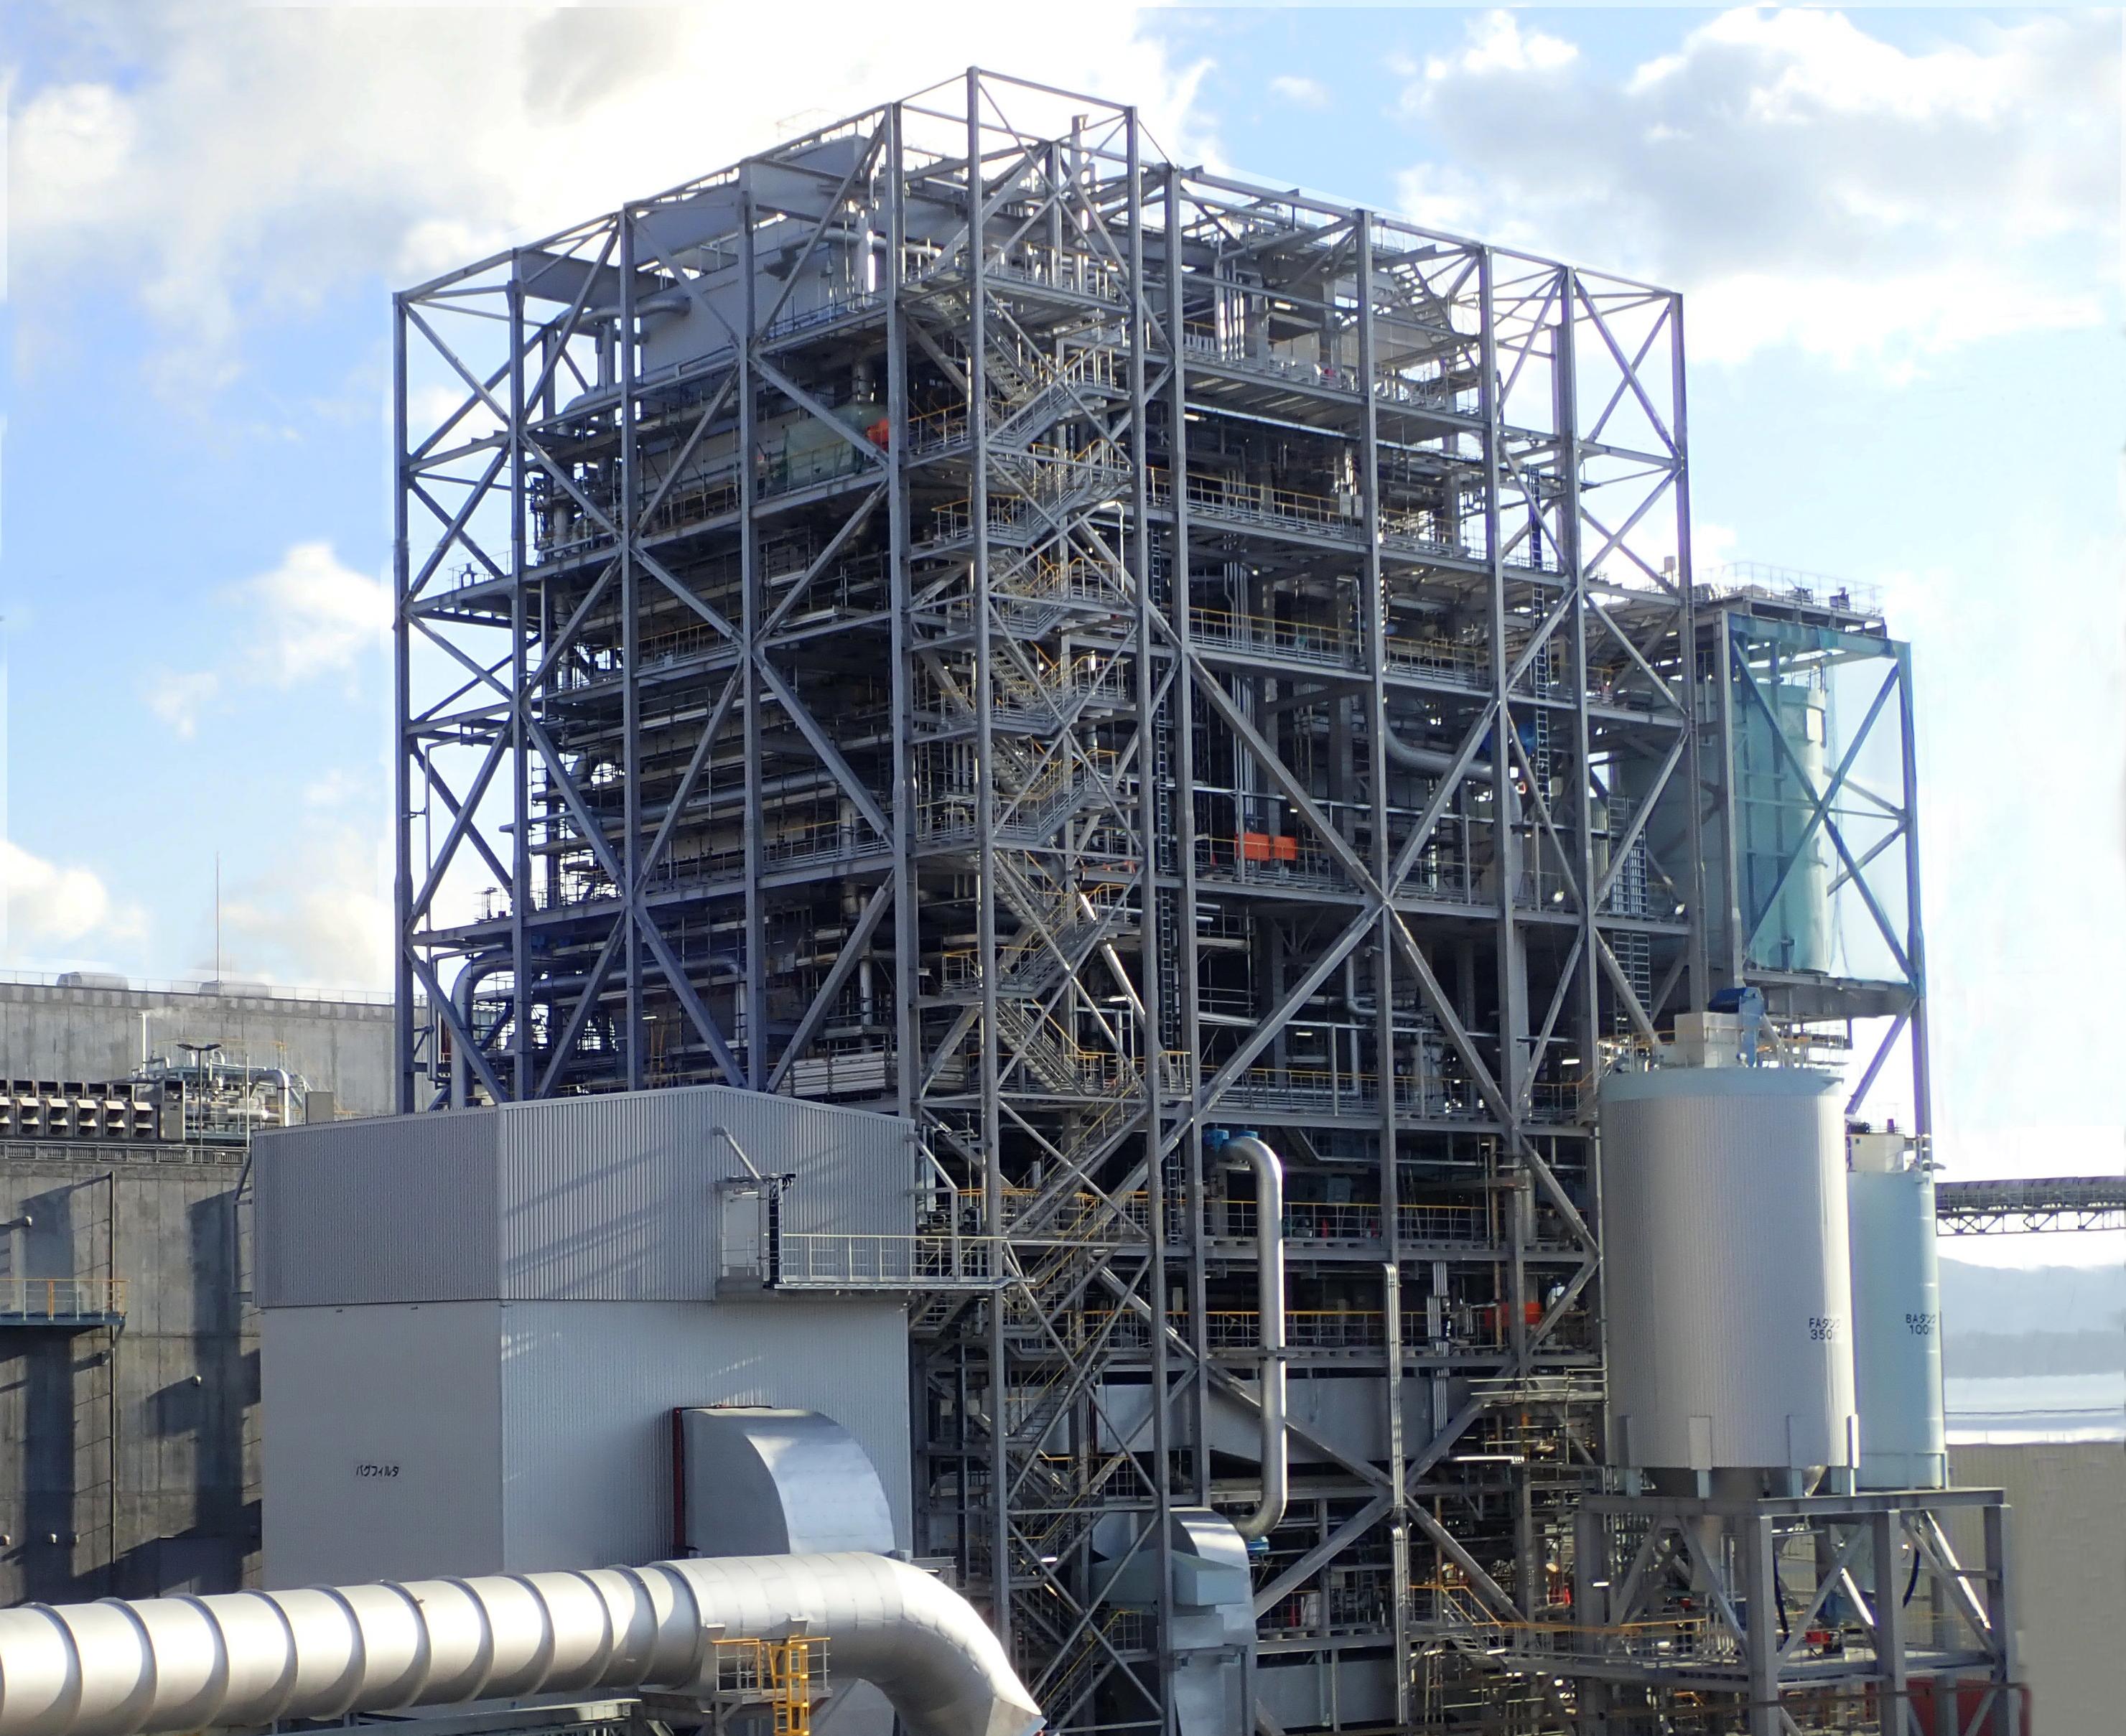 豊前ニューエナジー合同会社 豊前バイオマス発電所